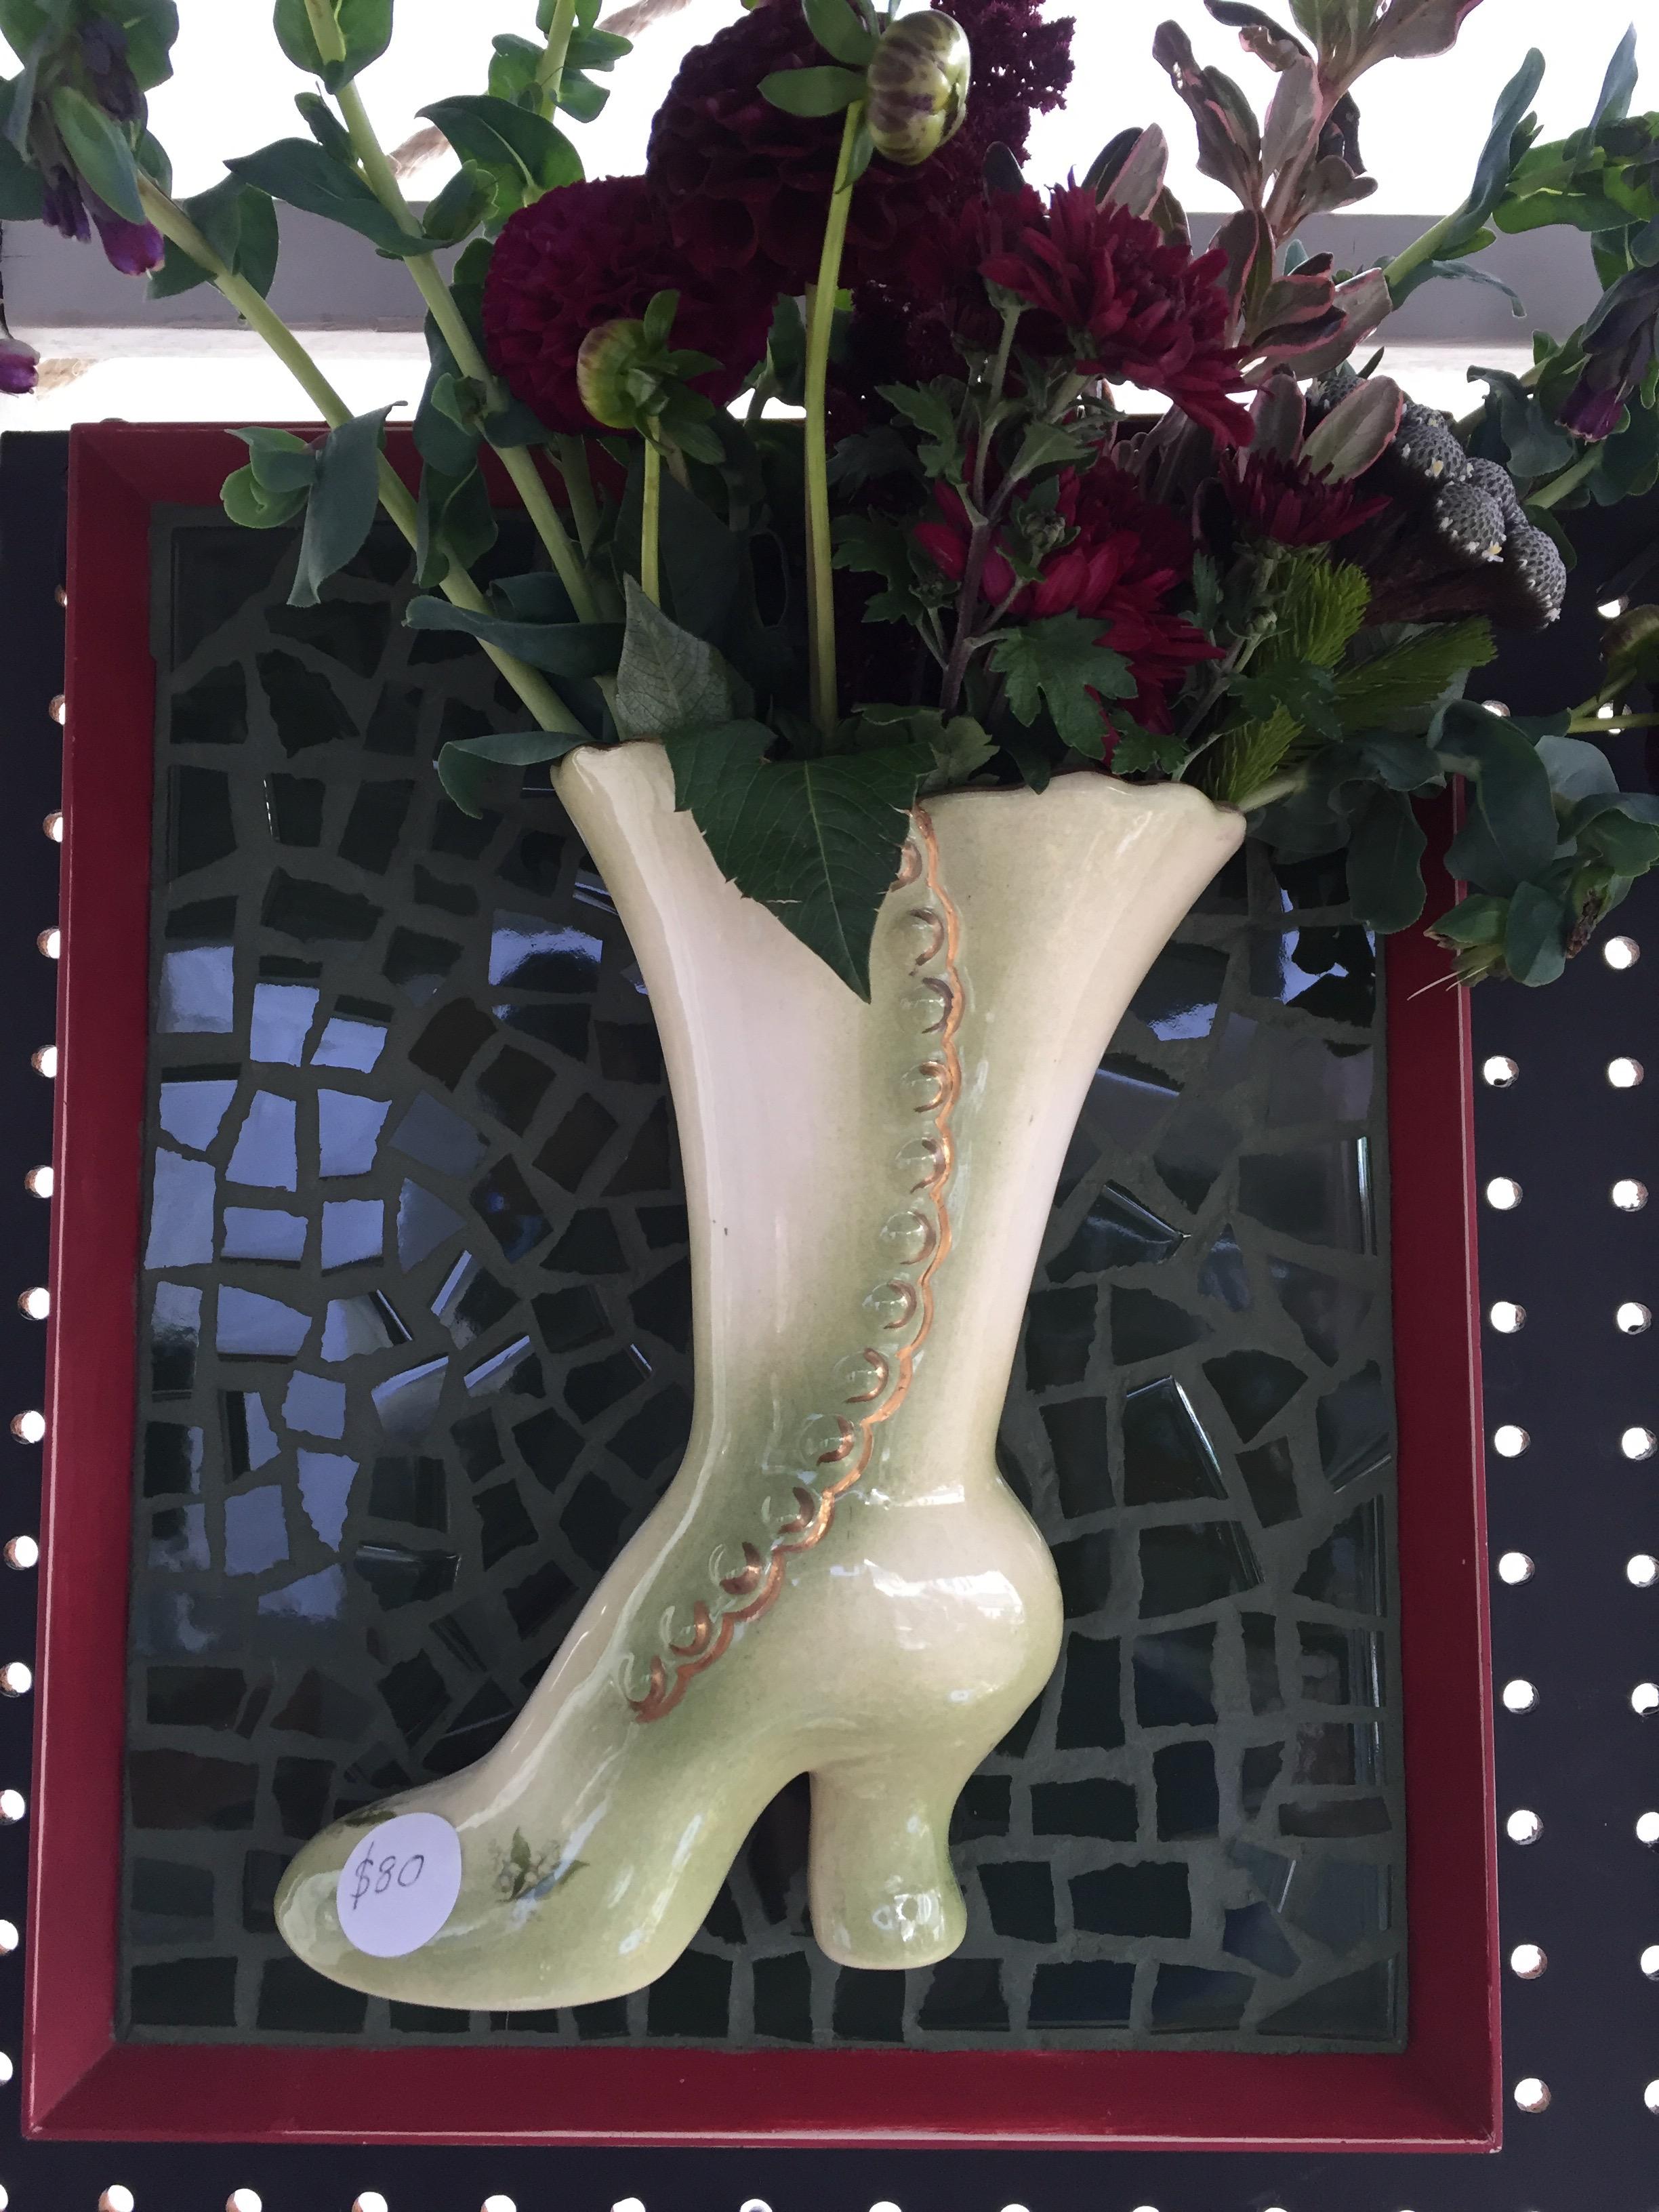 Shoe vase